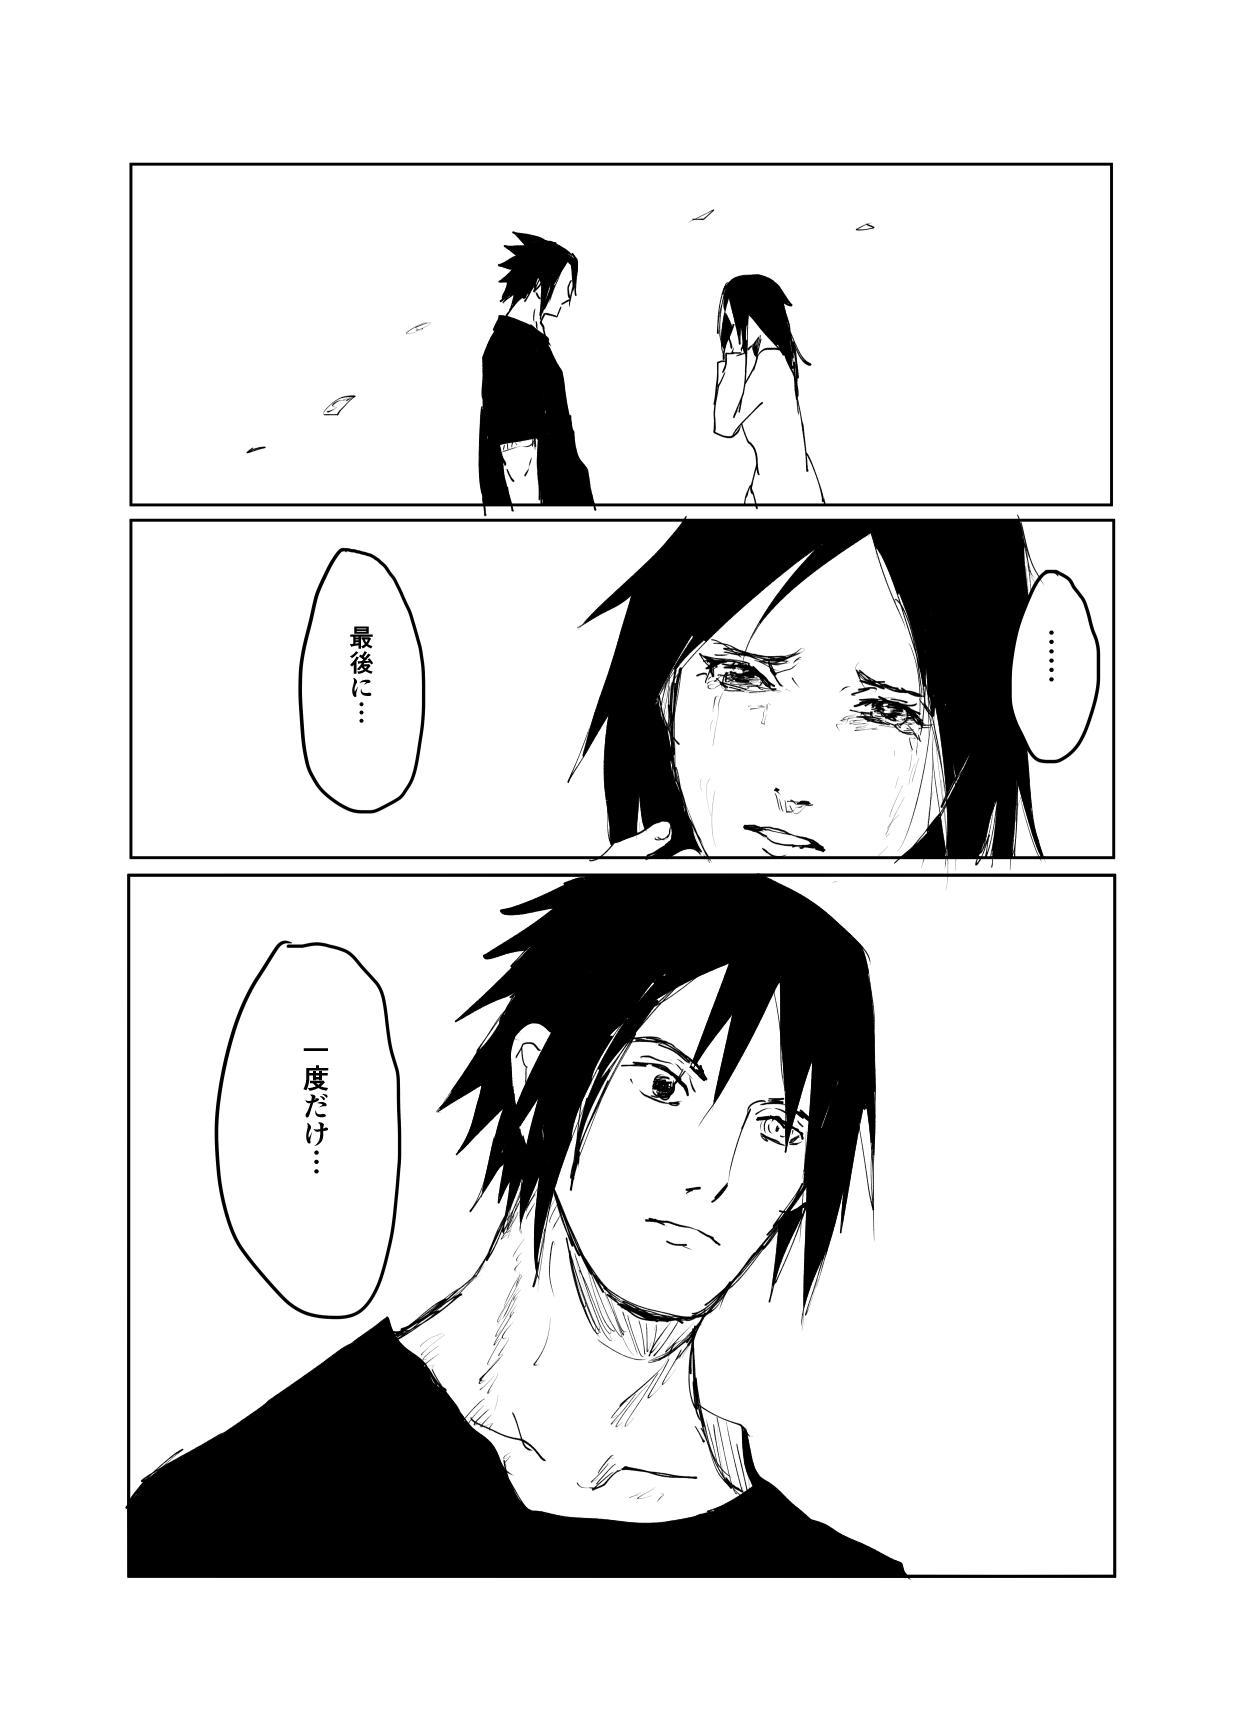 嘘告白漫画 39